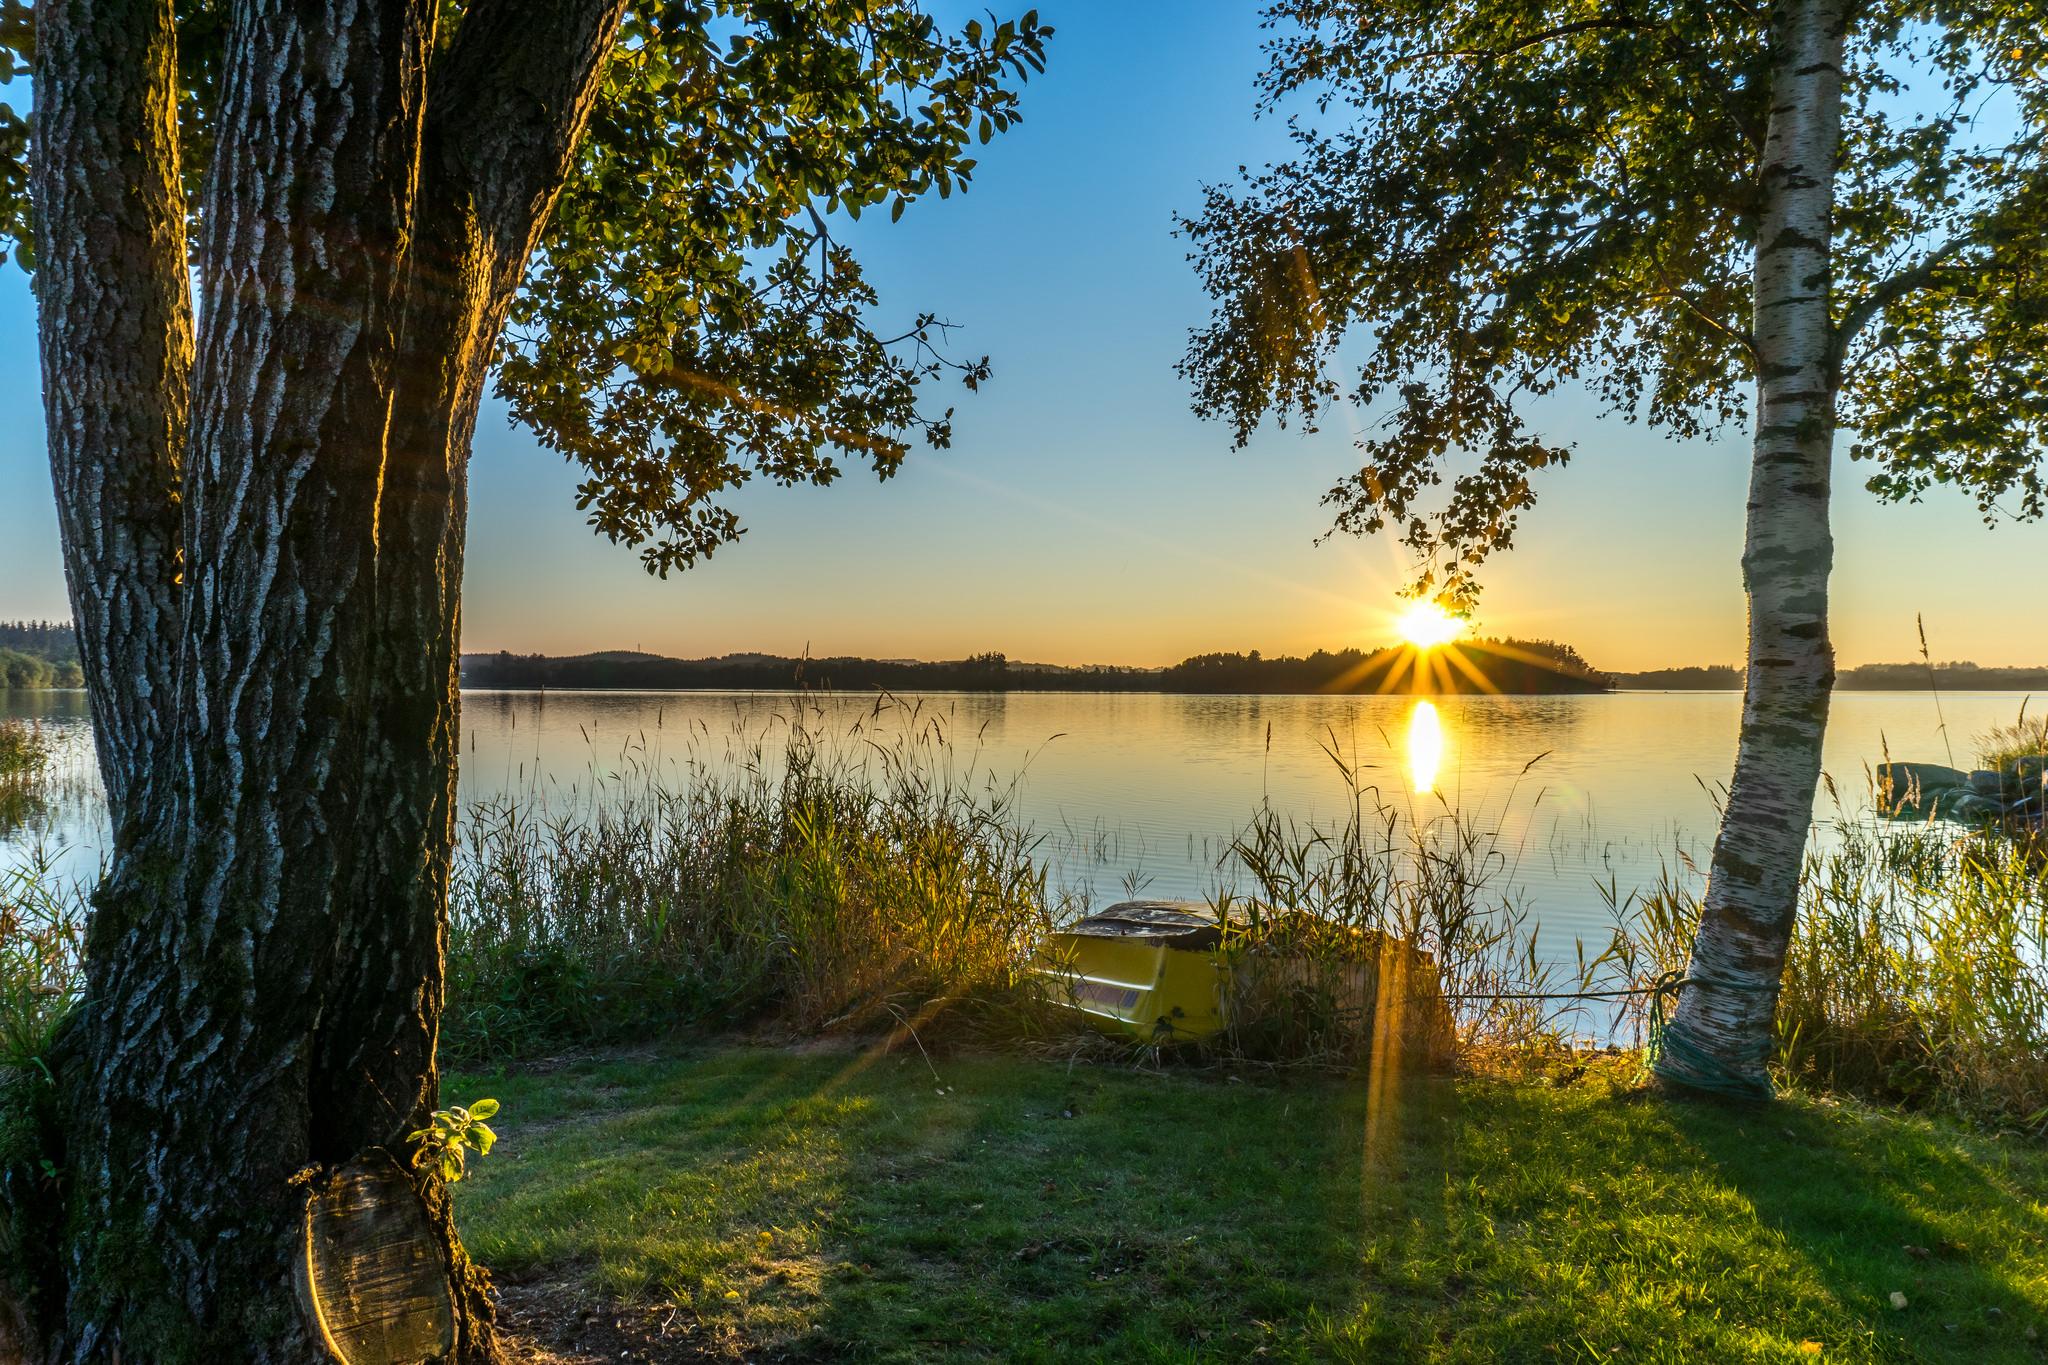 березы берег озеро  № 1195433 бесплатно